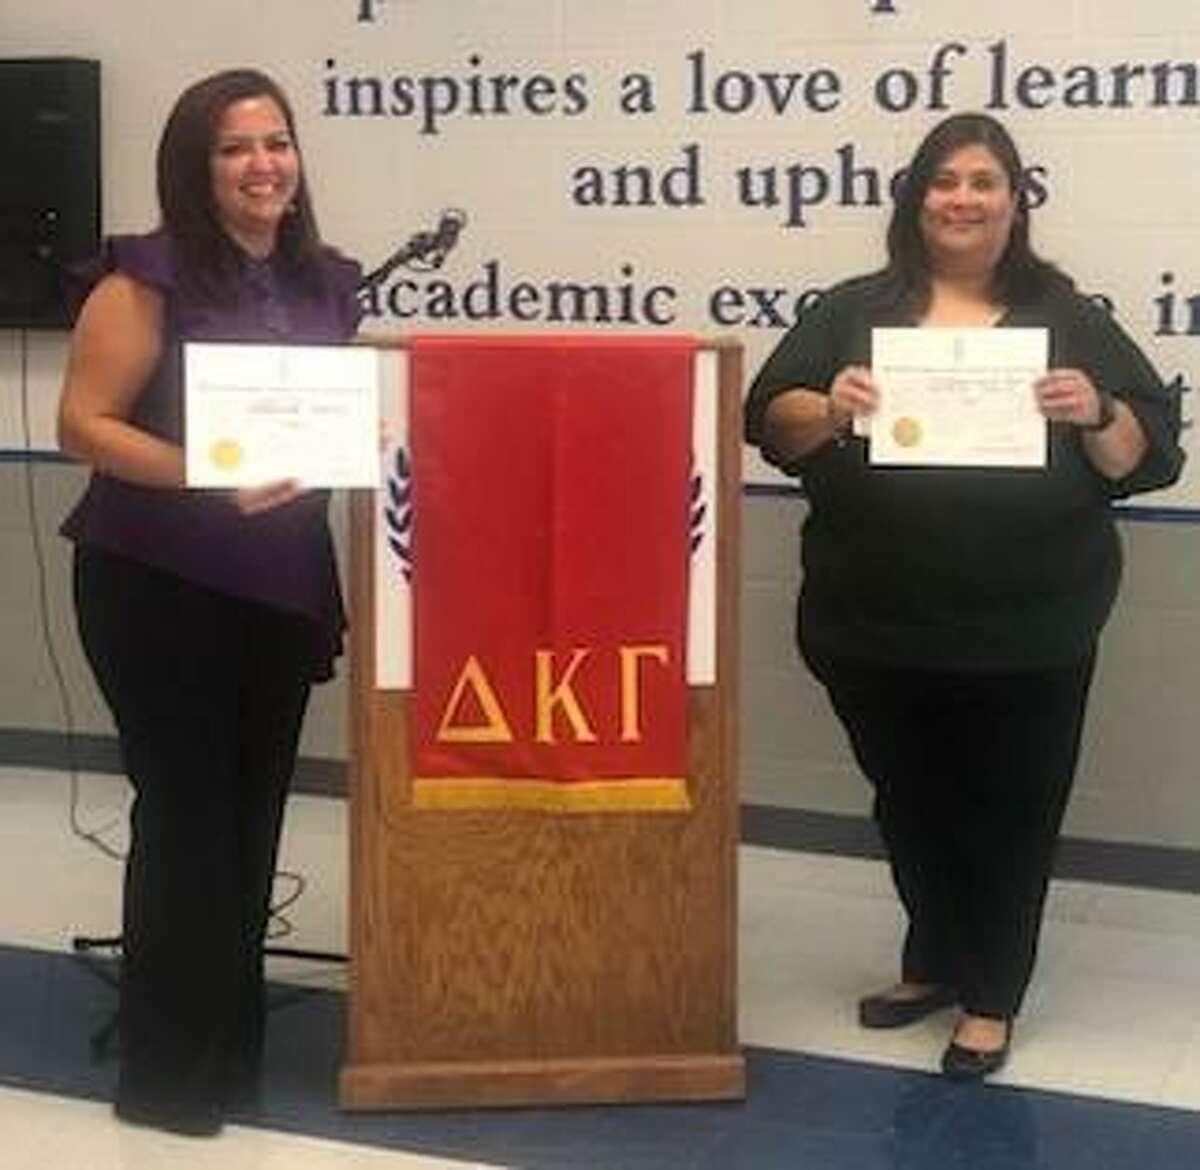 Kayla Cruz y la Dra. Ari González posan para una fotografía durante una ceremonia de inducción como nuevas integrantes de Delta Kappa Gamma Society International Alpha Nu Chapter en Laredo a principios de noviembre.